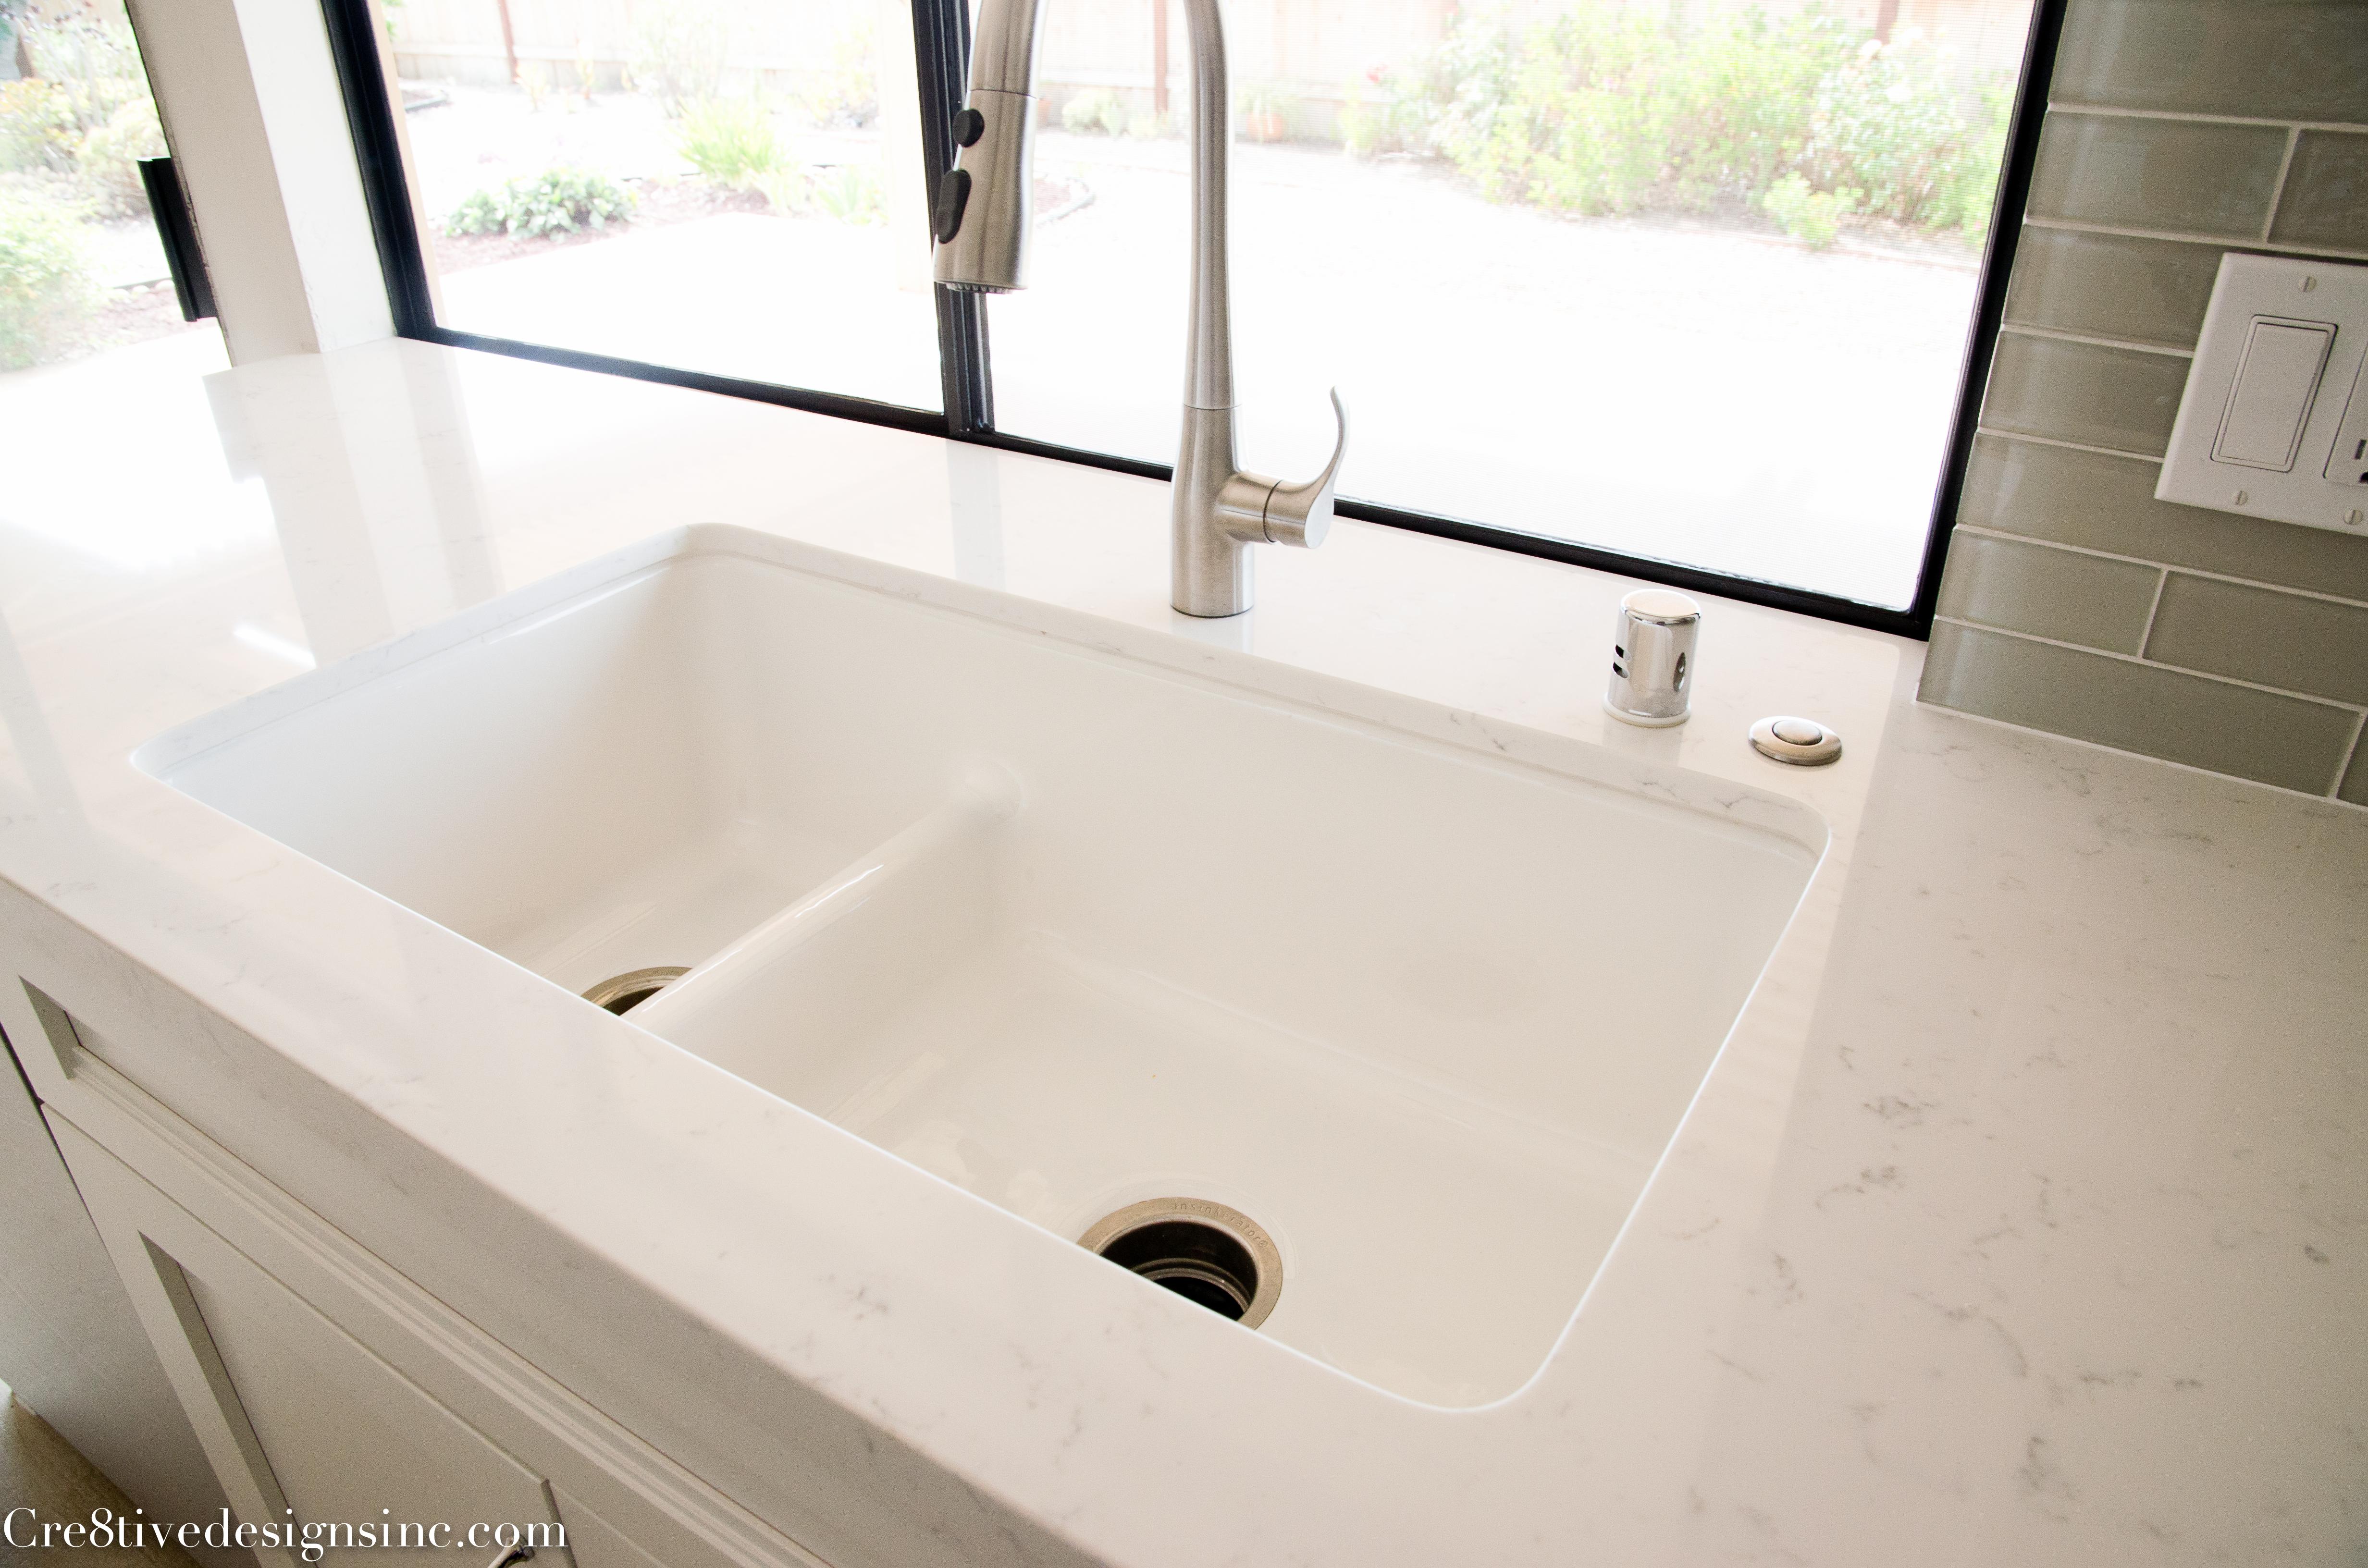 Fabulous Kohler white iron tones sink